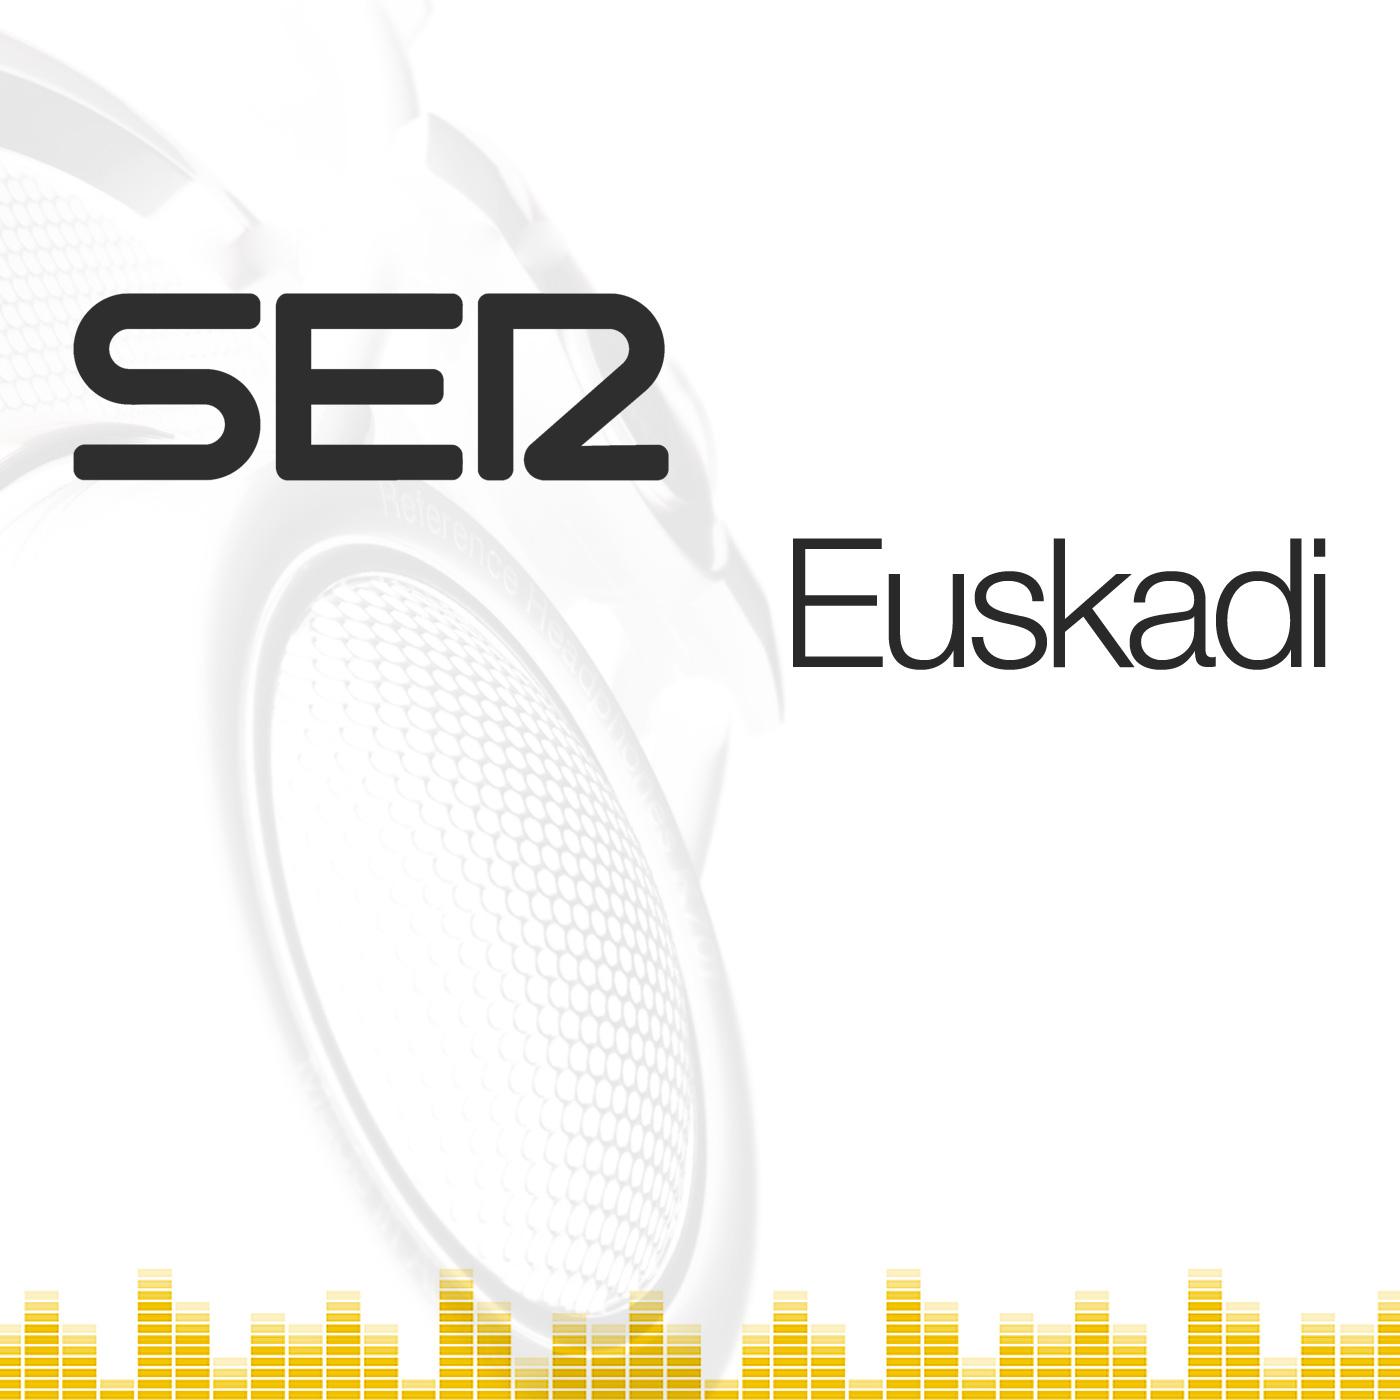 Cadena SER Euskadi